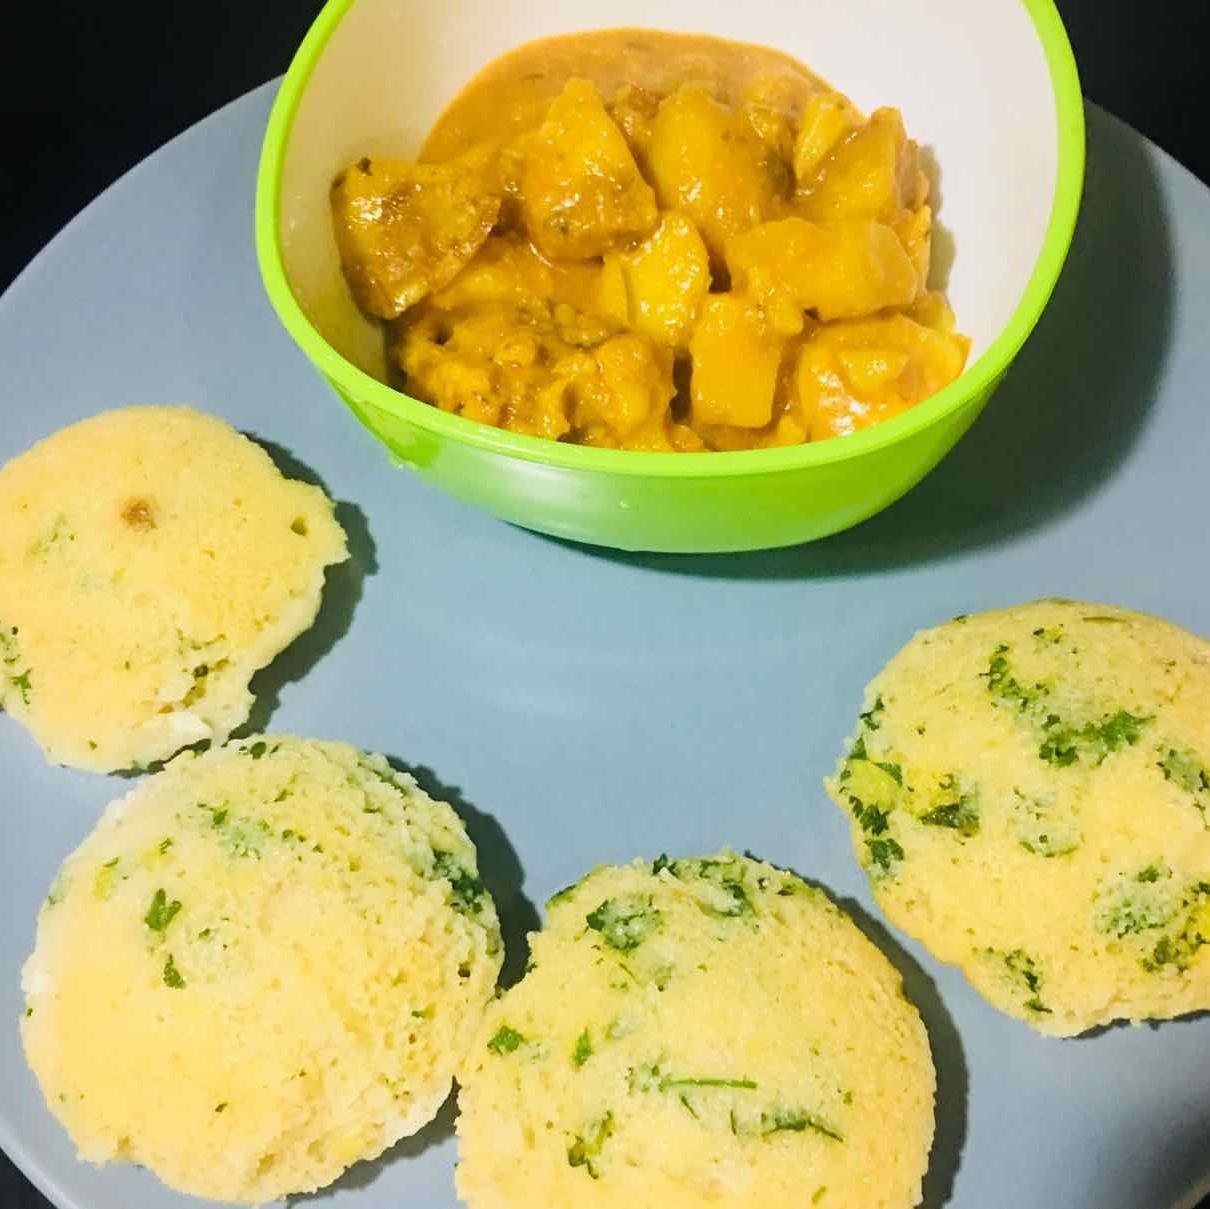 Photo of rava oats idli by Runa Ganguly at BetterButter